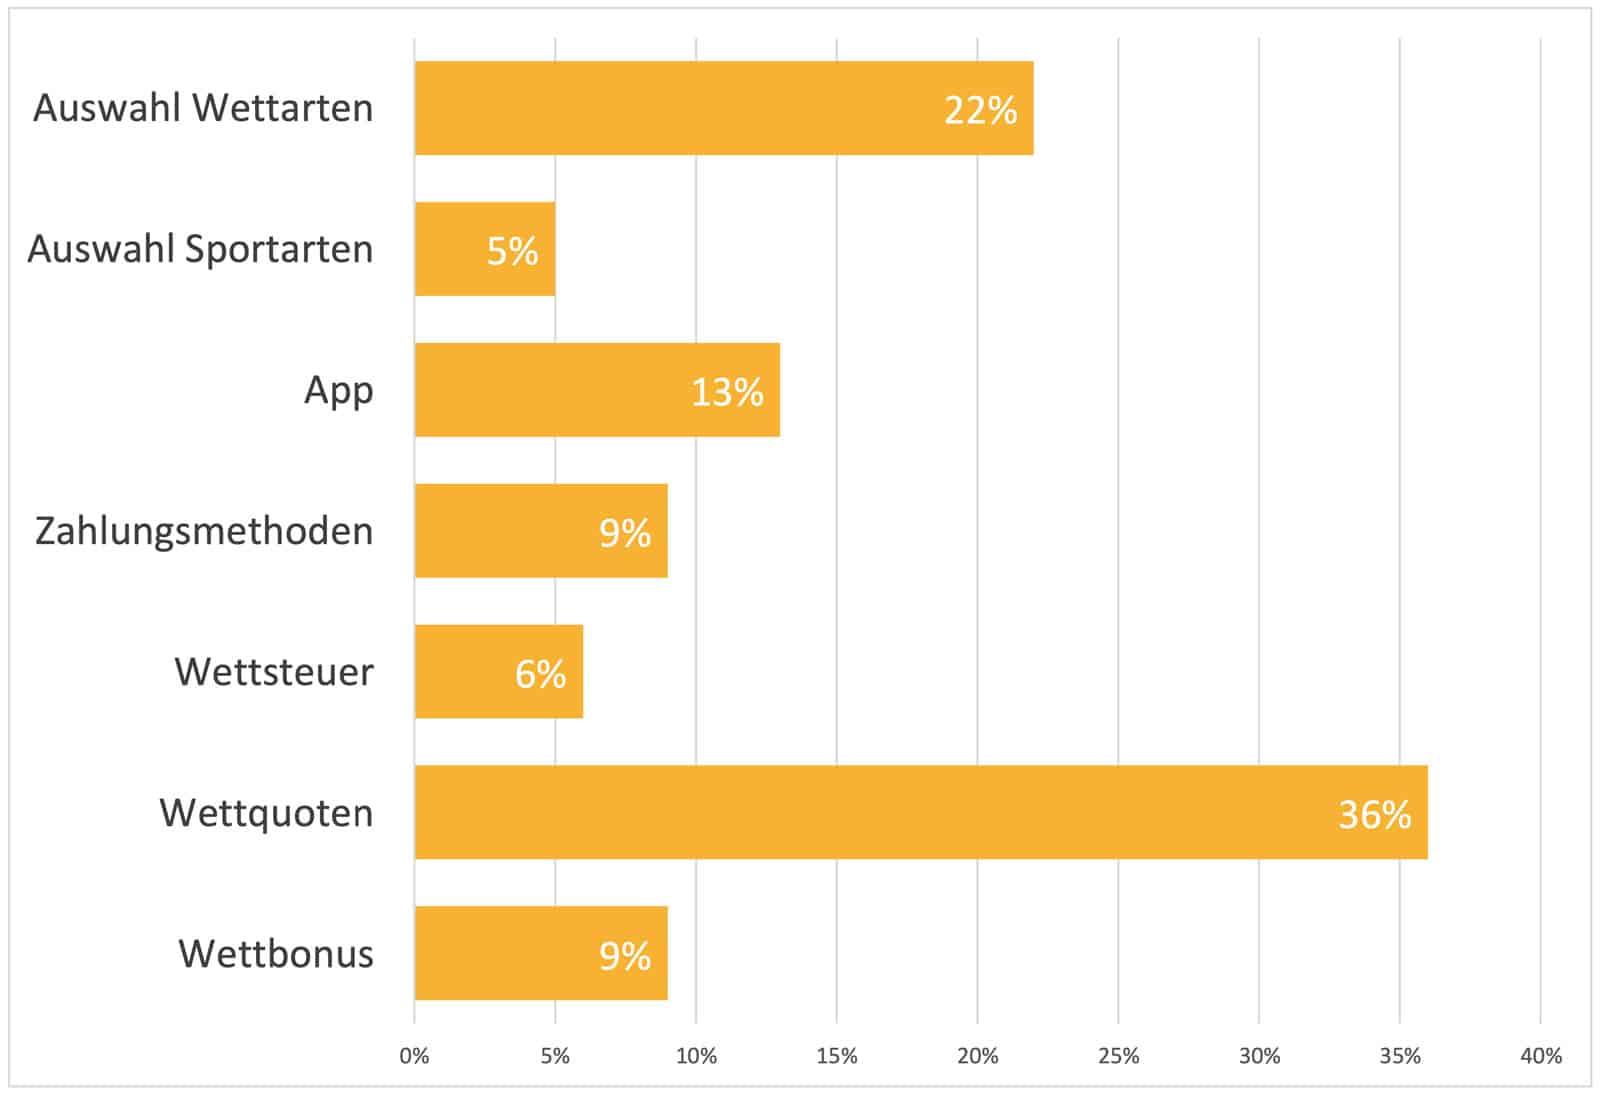 Grafik Wettanbieter Vergleich Leser. -Nach diesen Kriterien gehen User vor